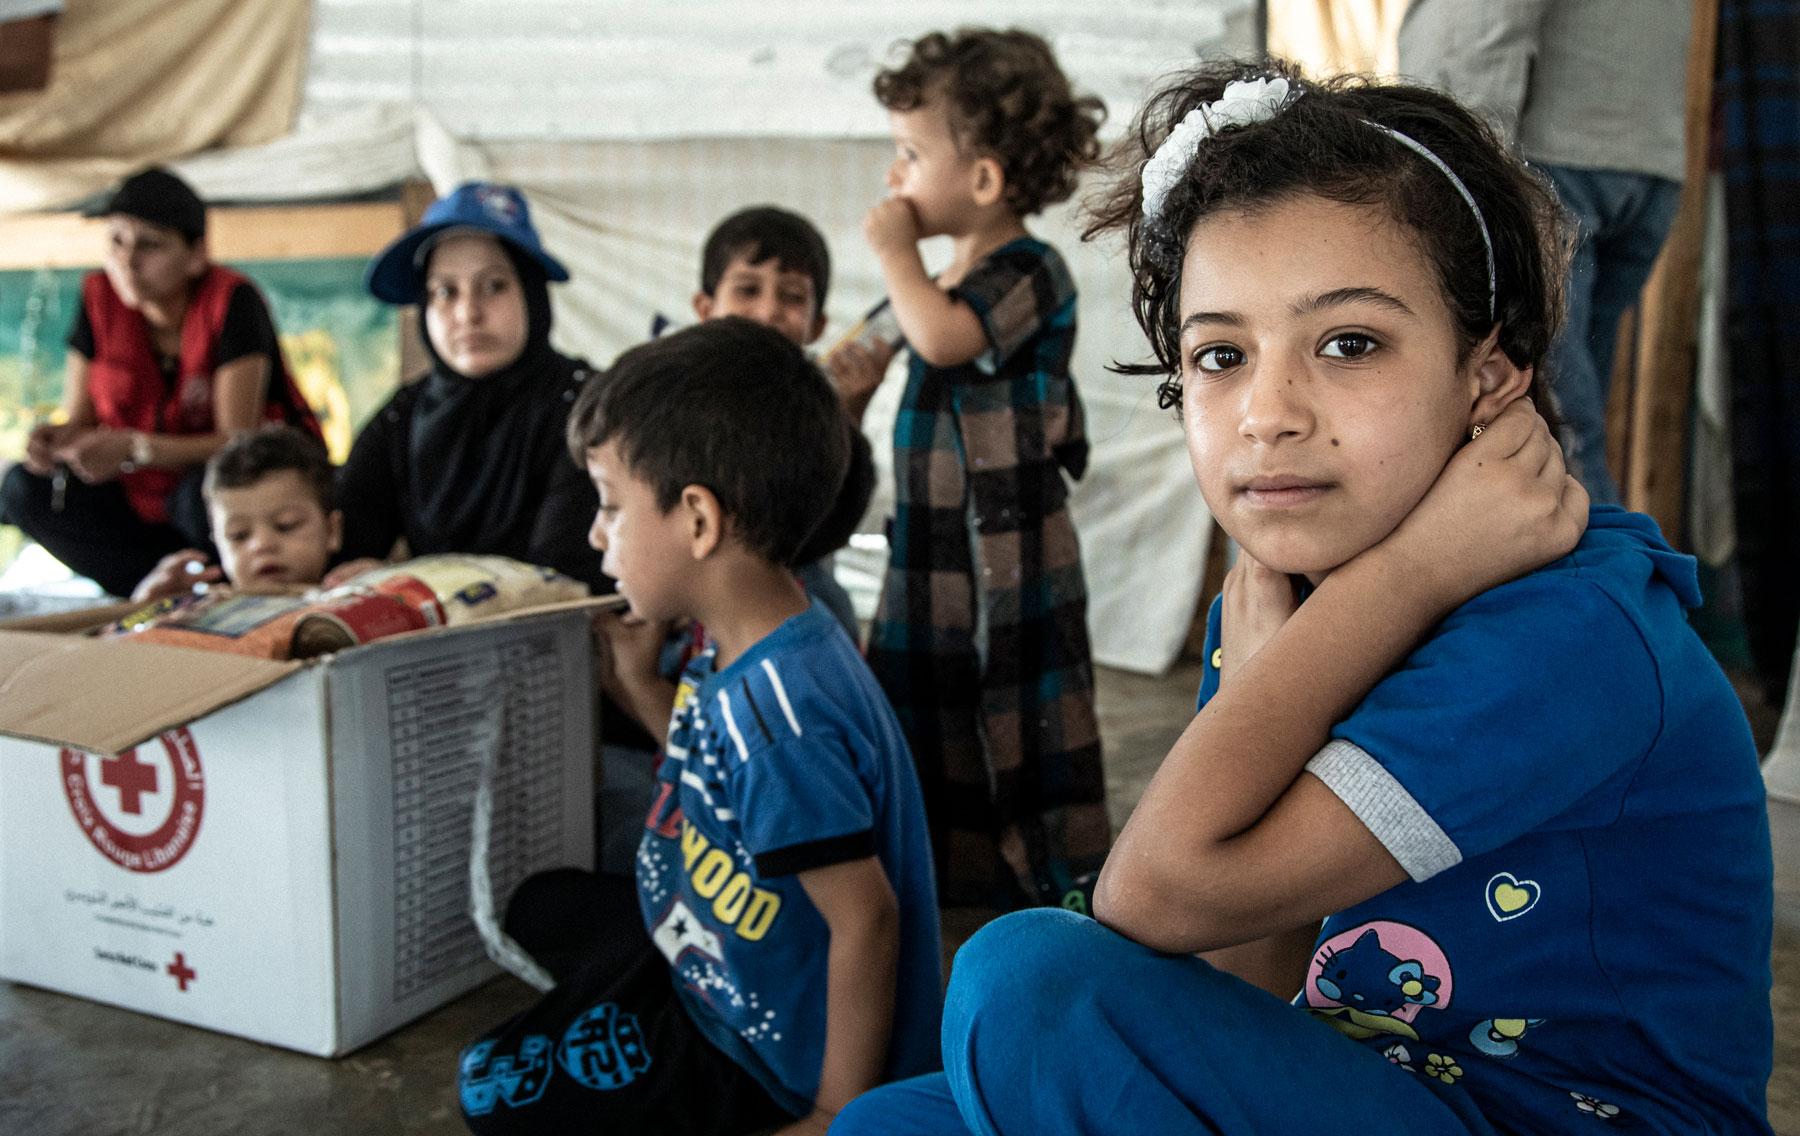 Inass und ihre Familie kennen nur den trostlosen Alltag im Flüchtlingslager. © SRK, Monika Flückiger